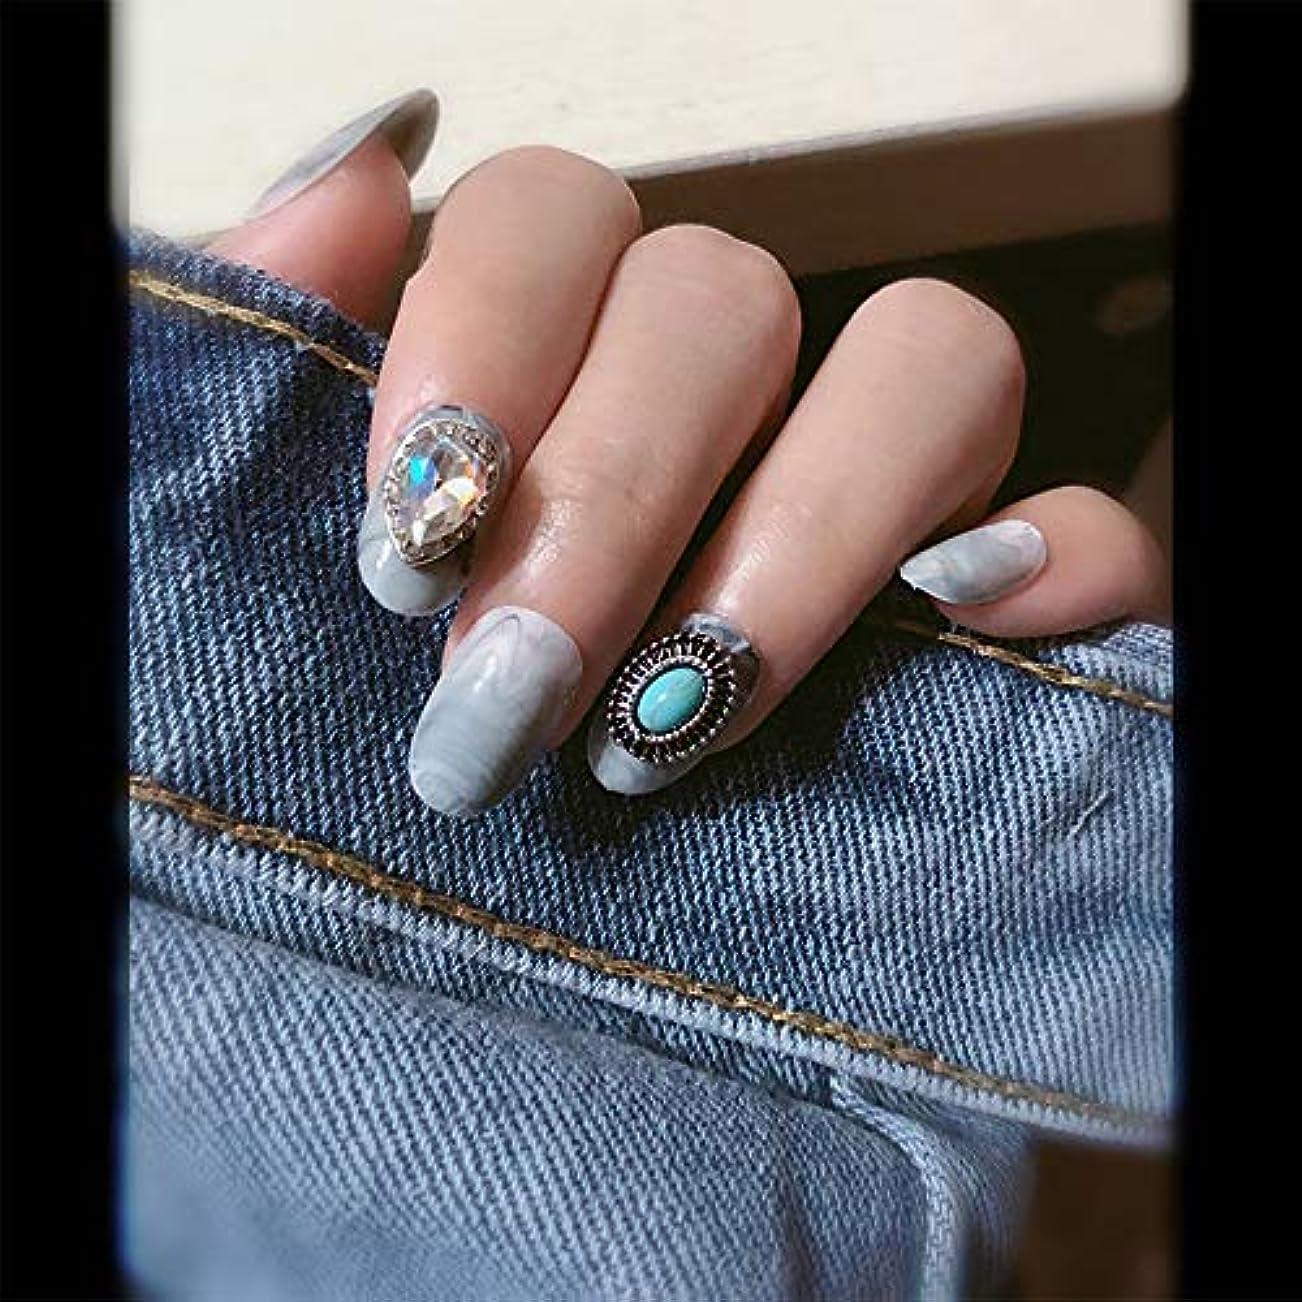 脅迫キャッチ六分儀XUTXZKA 偽の爪を持つ丸い大理石のパターン女性の完全な爪のヒント花嫁の偽の爪